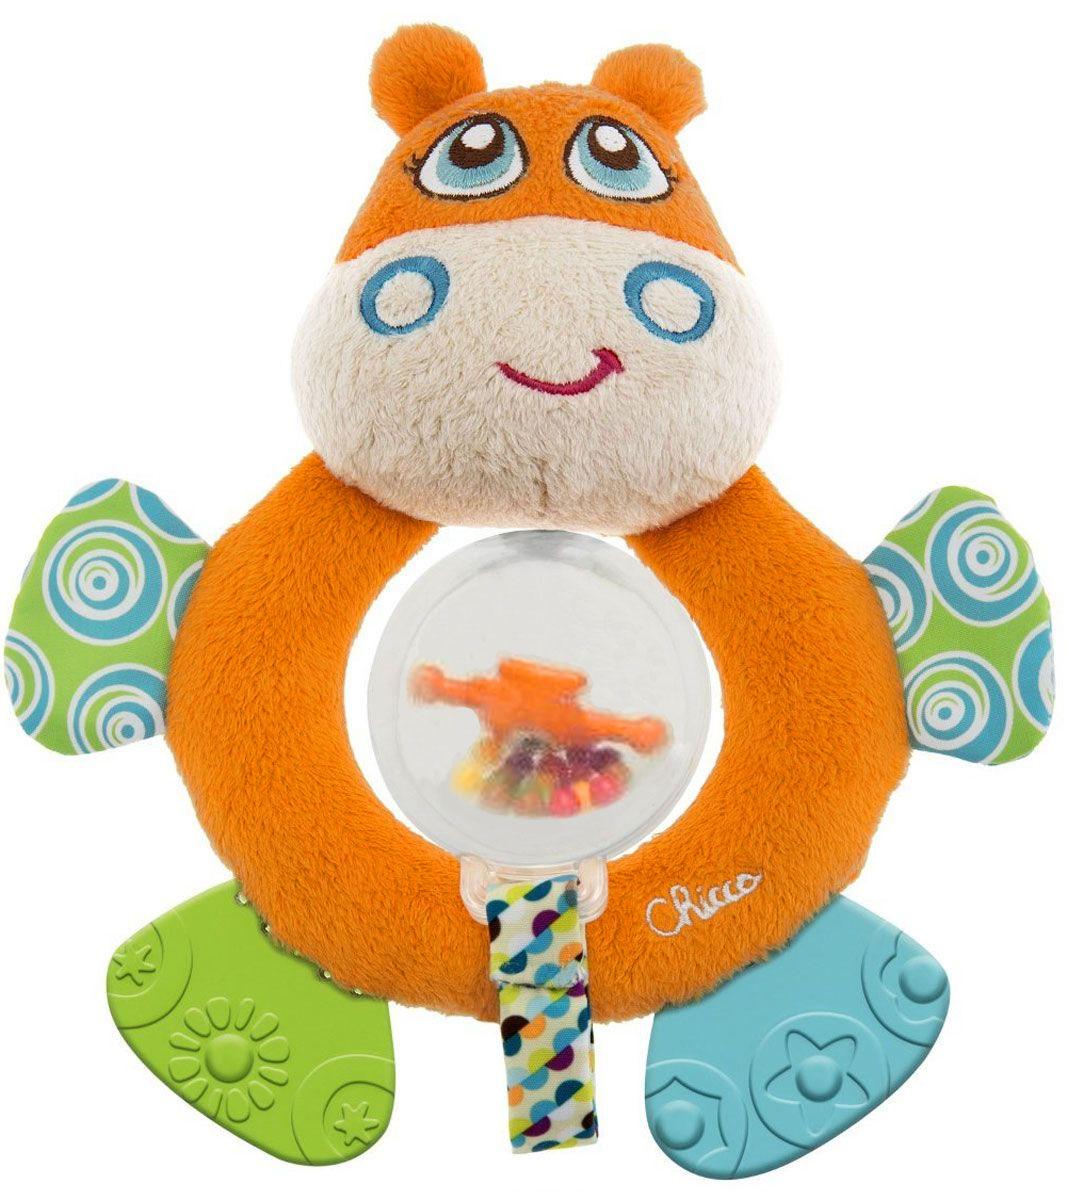 Chicco Игрушка-погремушка Бегемот00007200000000Мягкая игрушка-погремушка Бегемот привлечет внимание вашего малыша и не позволит ему скучать! Игрушка выполнена из мягкого текстильного материала в виде симпатичного бегемотика. Его глазки, носик и щечки вышиты нитками, а если нажать на голову, то послышится звук пищалки. На его животике имеется отверстие, к которому пришита лента с прозрачной сферой, внутри которой находятся маленькие разноцветные шарики. Если игрушку потрясти, шарики будут весело перекатываться и греметь. Ножки бегемотика из безопасного пластика с разными рисунками, их можно использовать как прорезыватели для маленьких зубиков. Если потрогать ручки игрушки, то услышите шуршащий звук. Форма погремушки удобна для маленьких ручек ребенка. Он сможет ее держать, трясти и перекладывать из одной ручки в другую. Яркая игрушка-погремушка поможет малышу в развитии цветового и звукового восприятия, концентрации внимания, мелкой моторики рук, координации движений и тактильных ощущений.